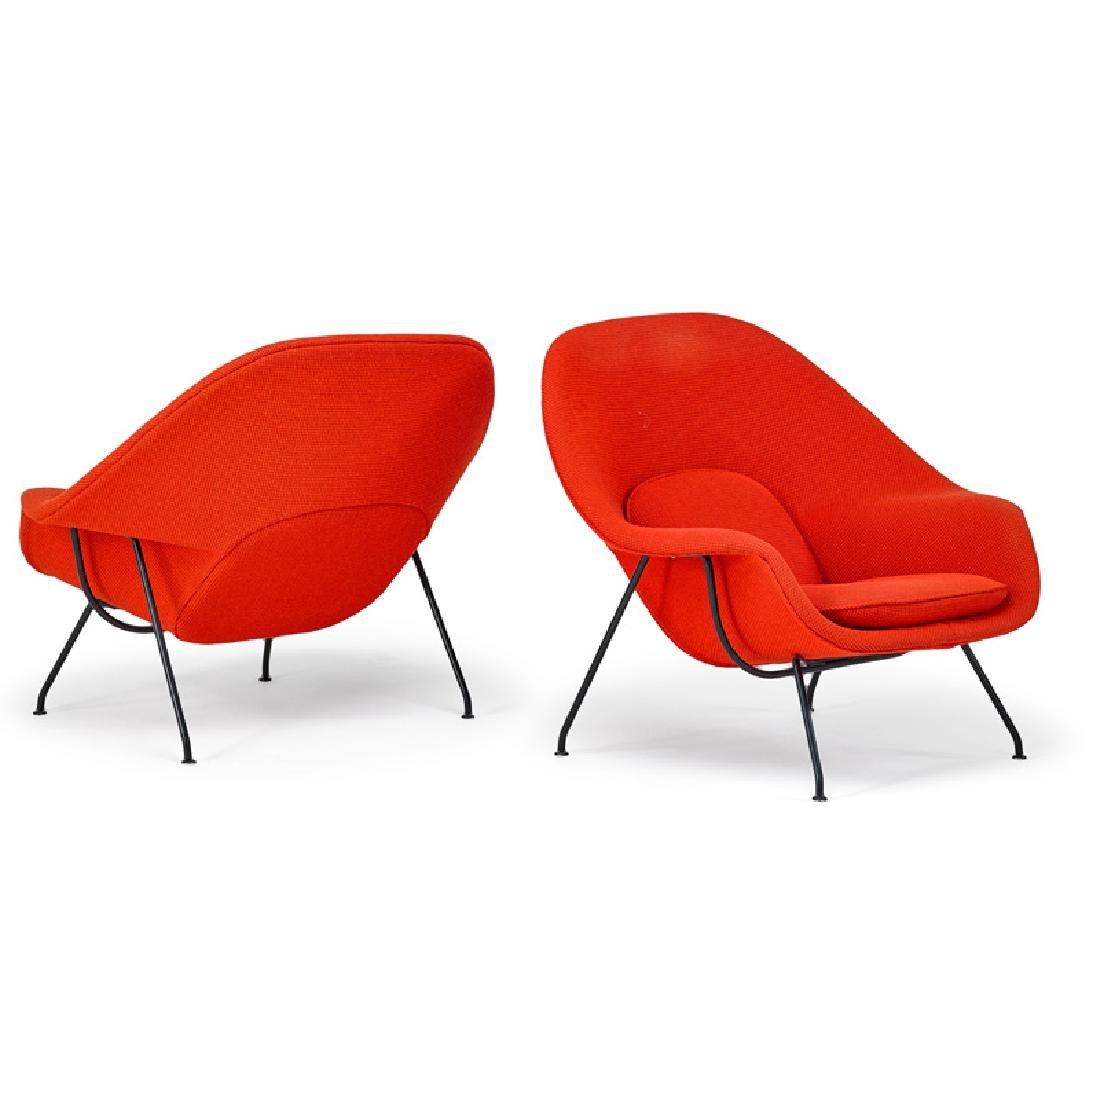 EERO SAARINEN Pair of Womb chairs